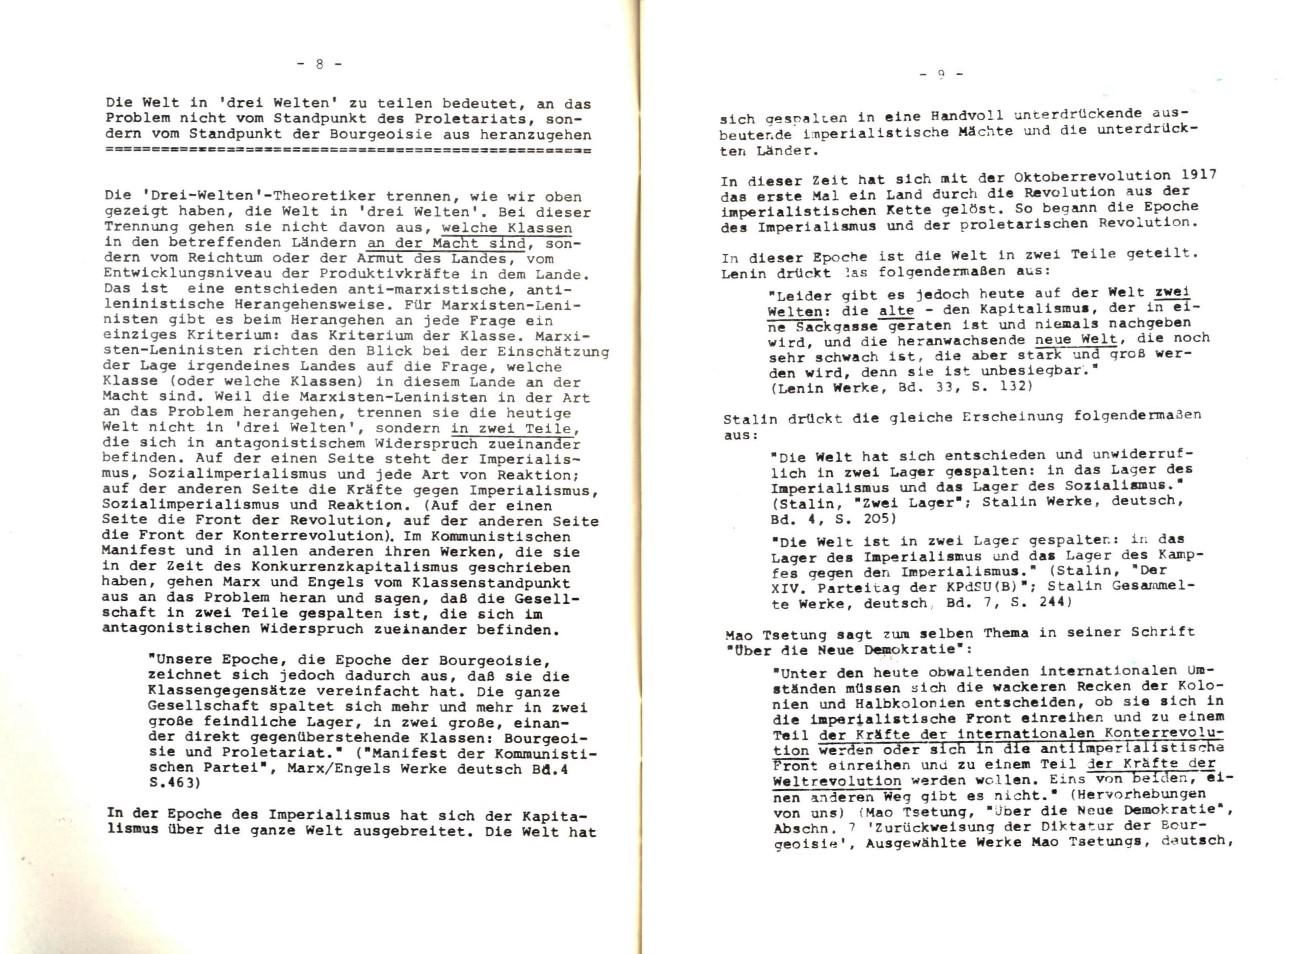 MLSK_Theorie_und_Praxis_des_ML_1978_21_13